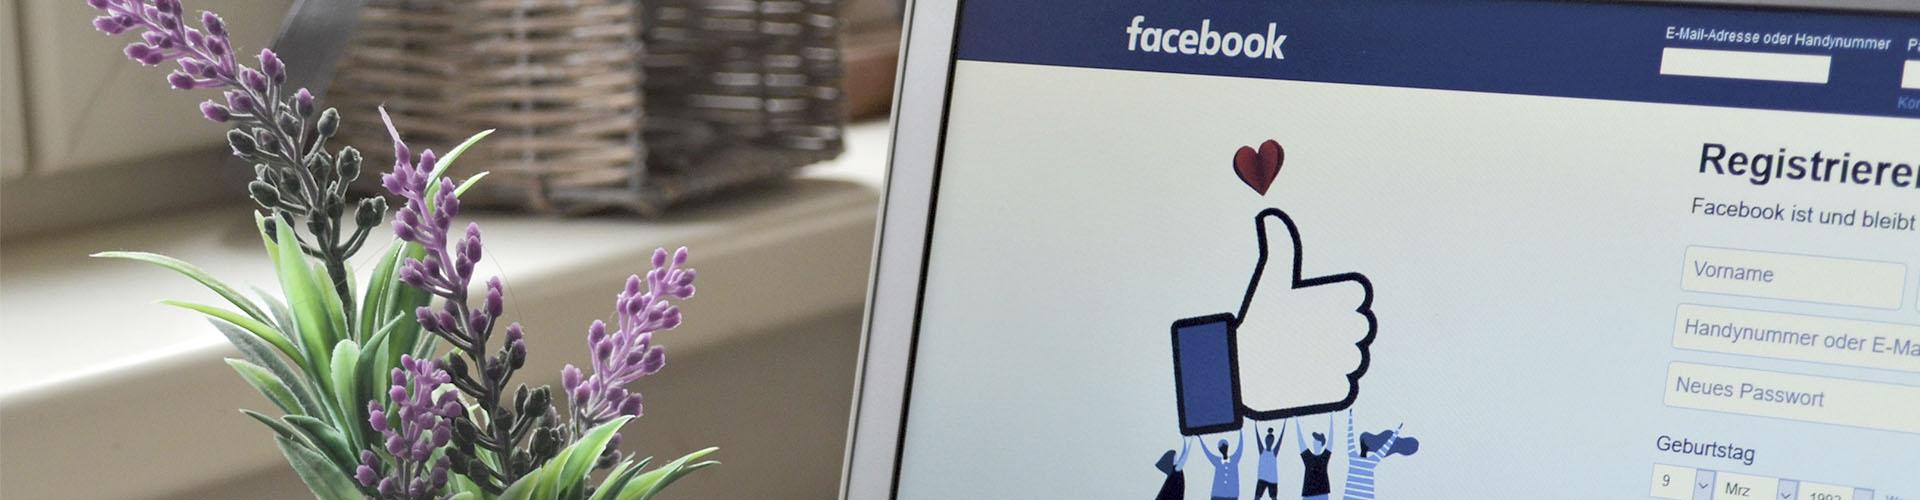 Curso de AJE Valladolid sobre Estrategia en medios sociales